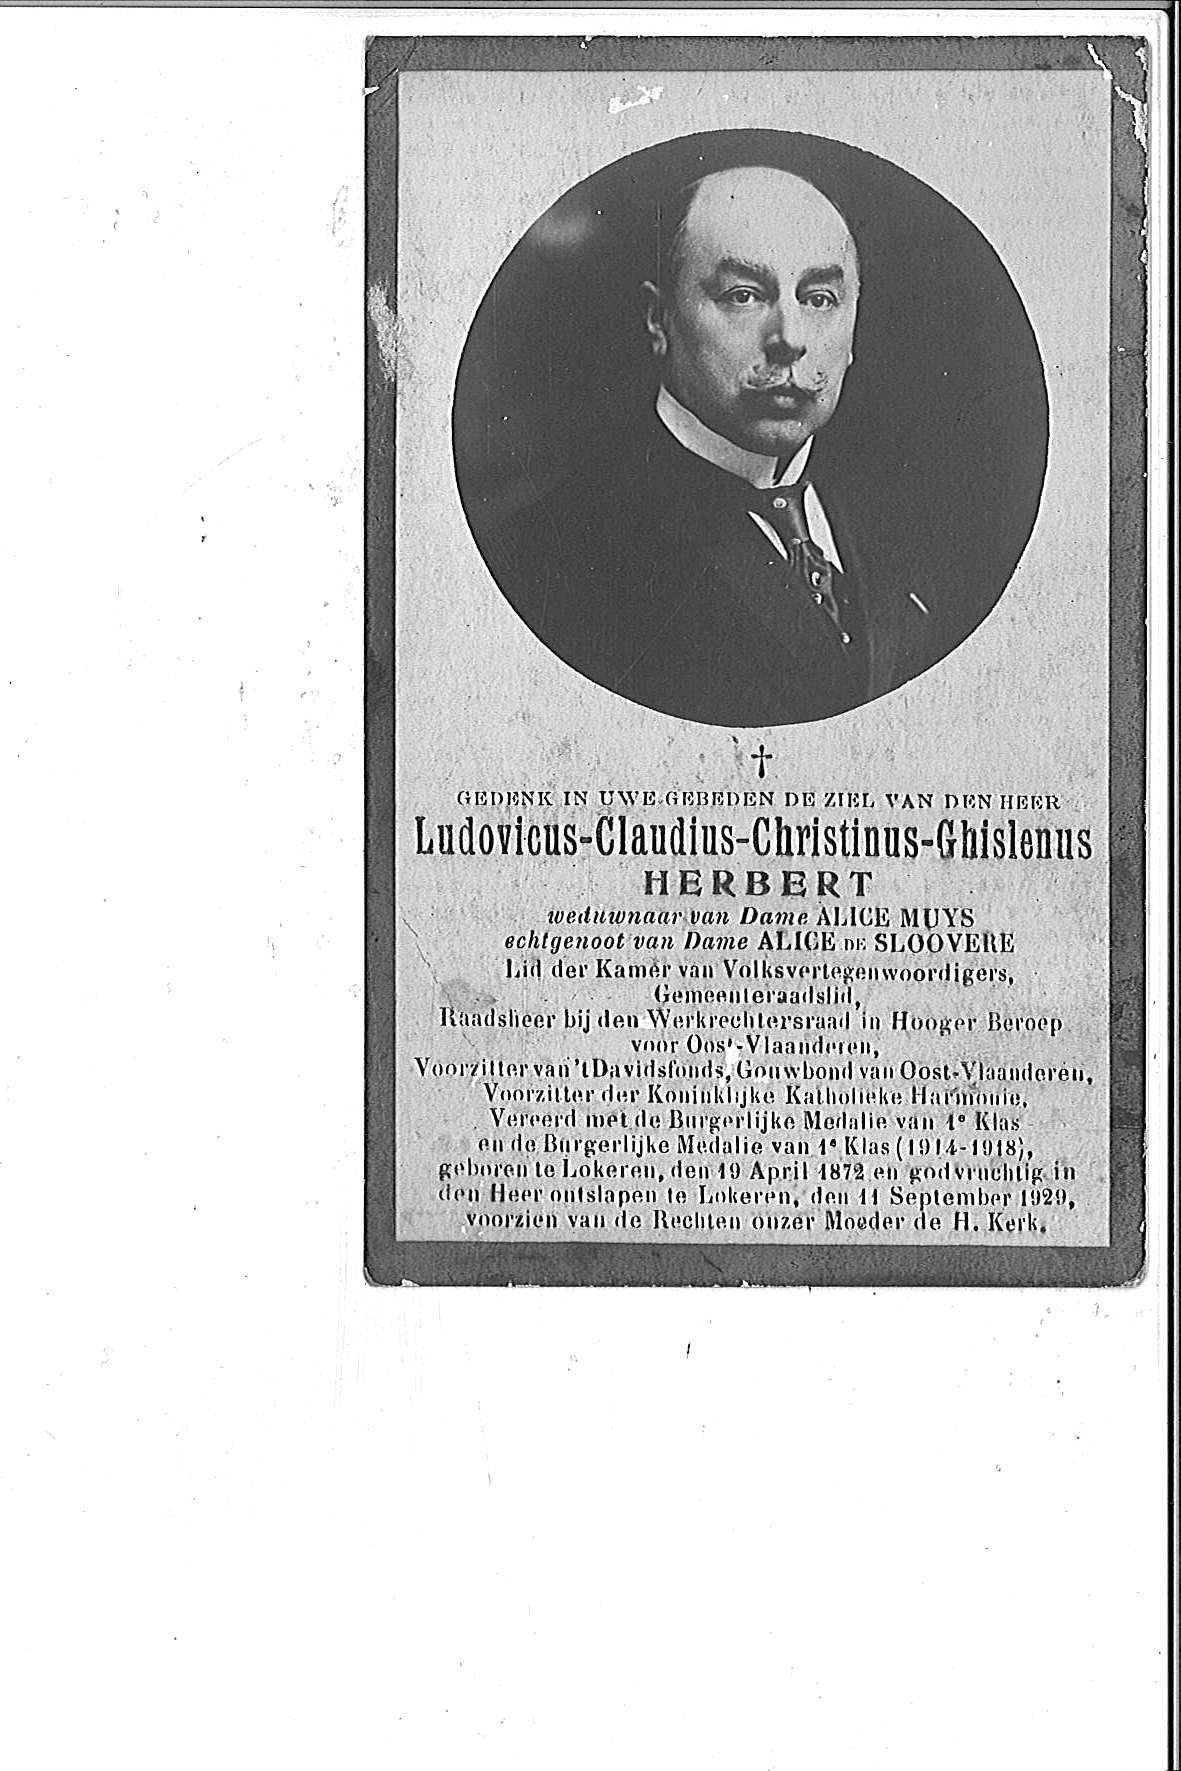 Ludovicus-Claudius-Christinus-Gh.(1929)20150224135940_00016.jpg